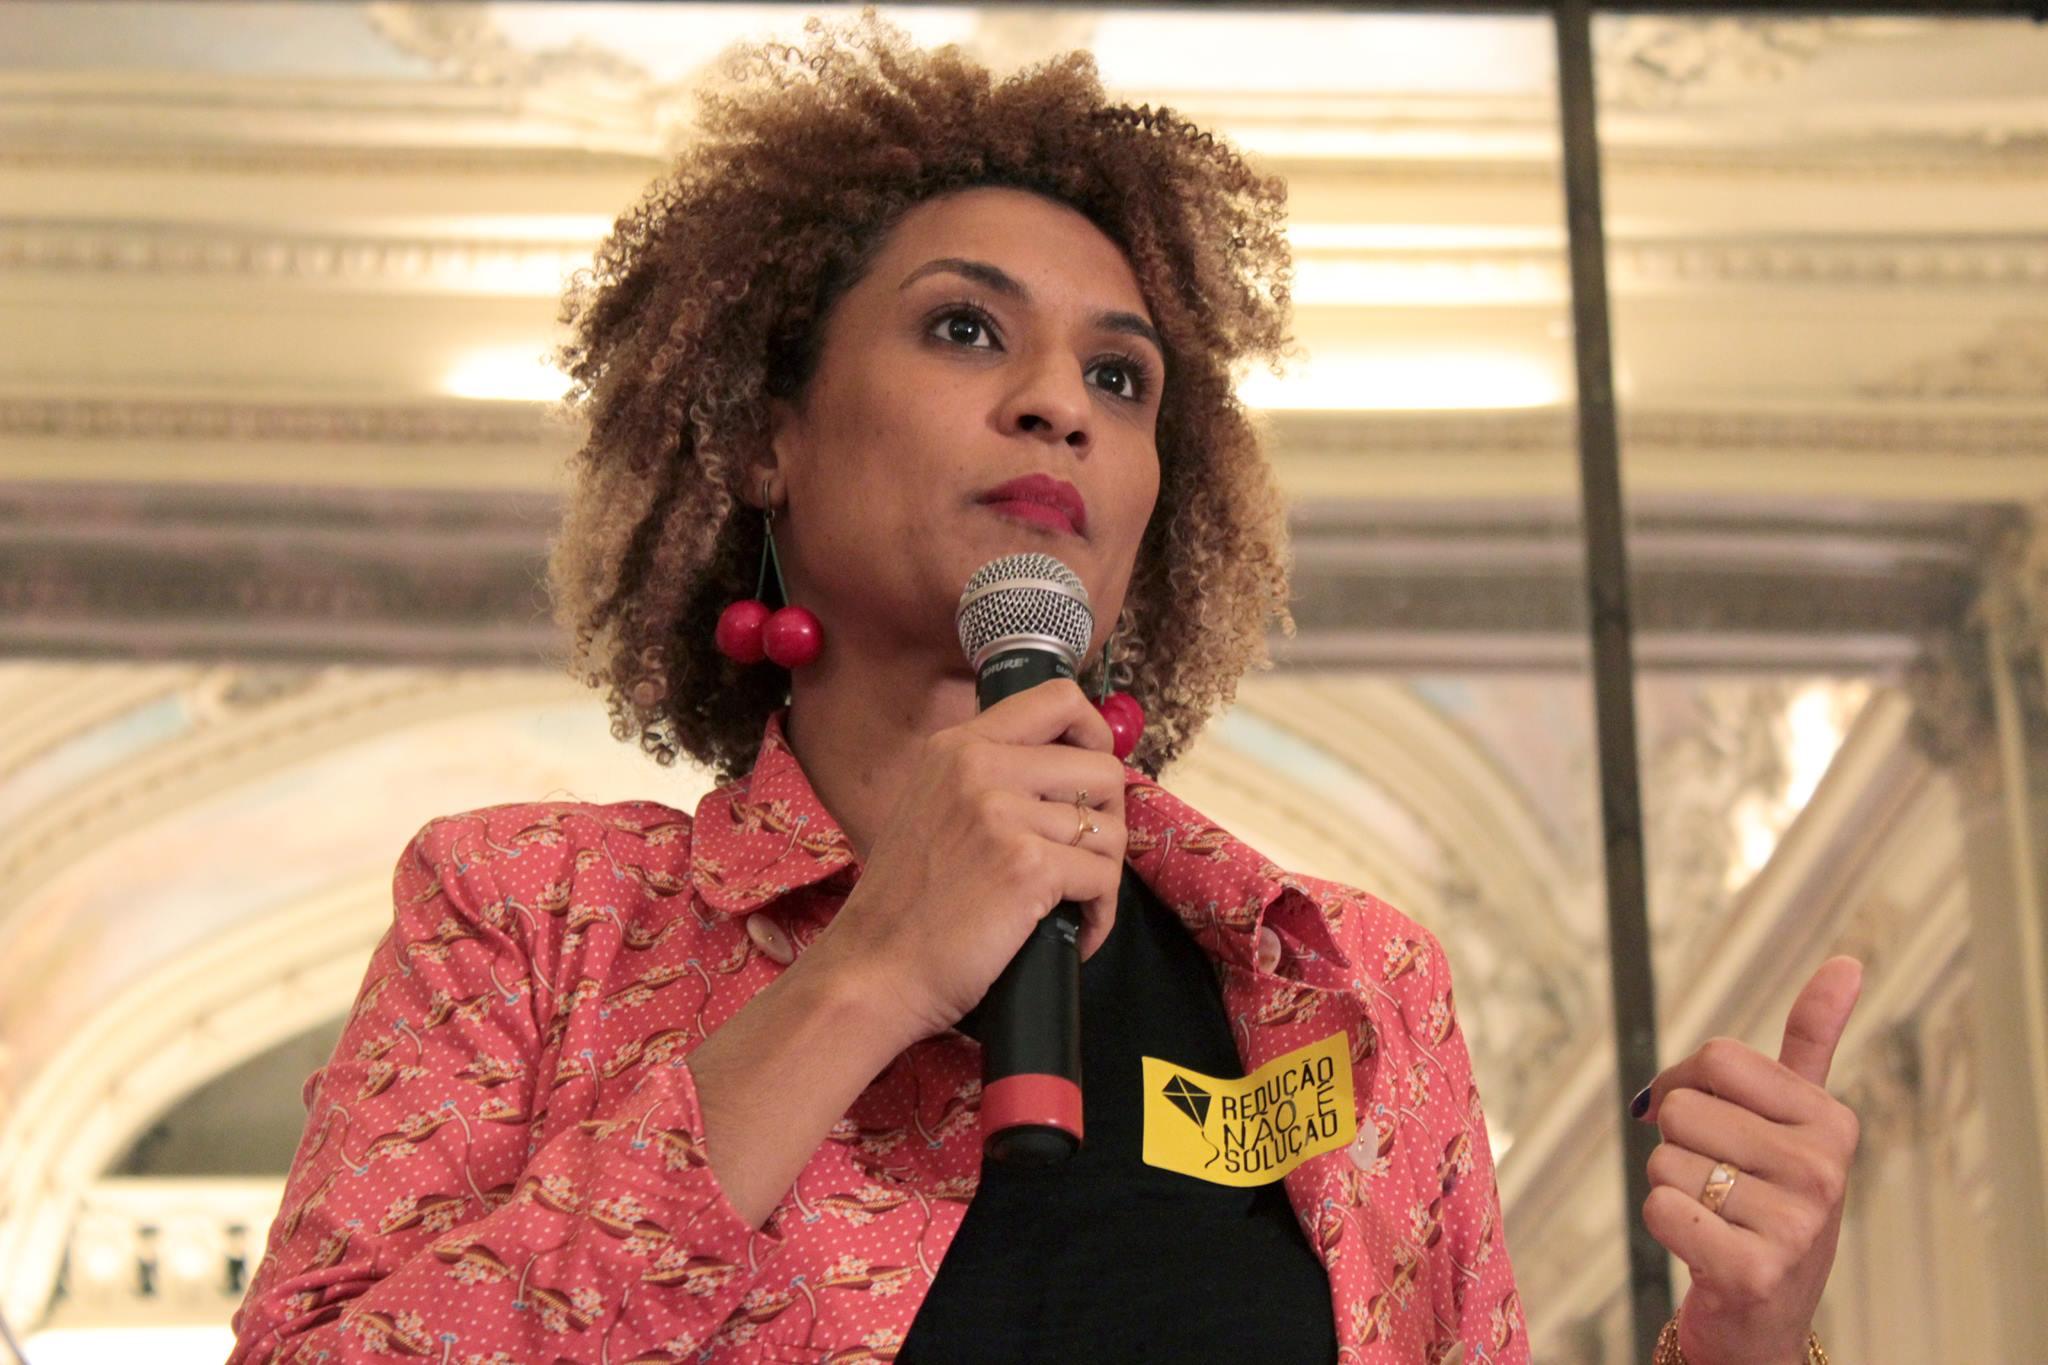 Marielle Franco, consigliera degli ultimi uccisa a Rio